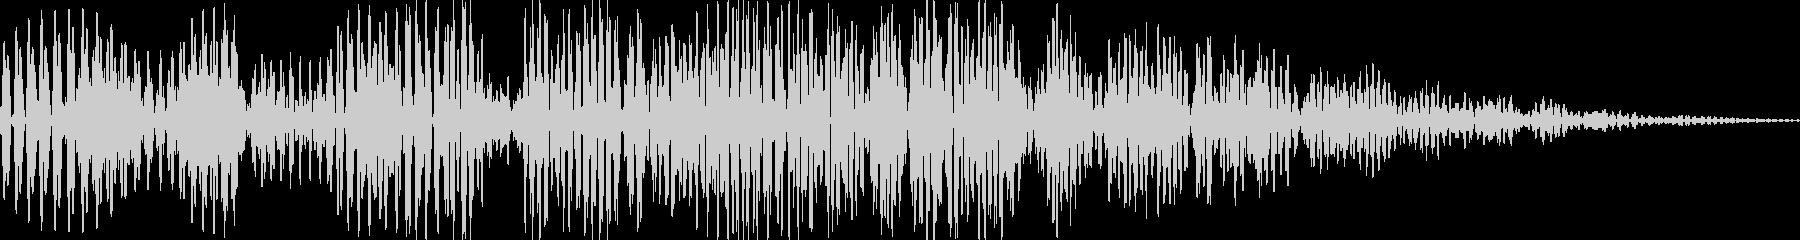 ボワボワ(ツボから魔人 煙 変身)の未再生の波形